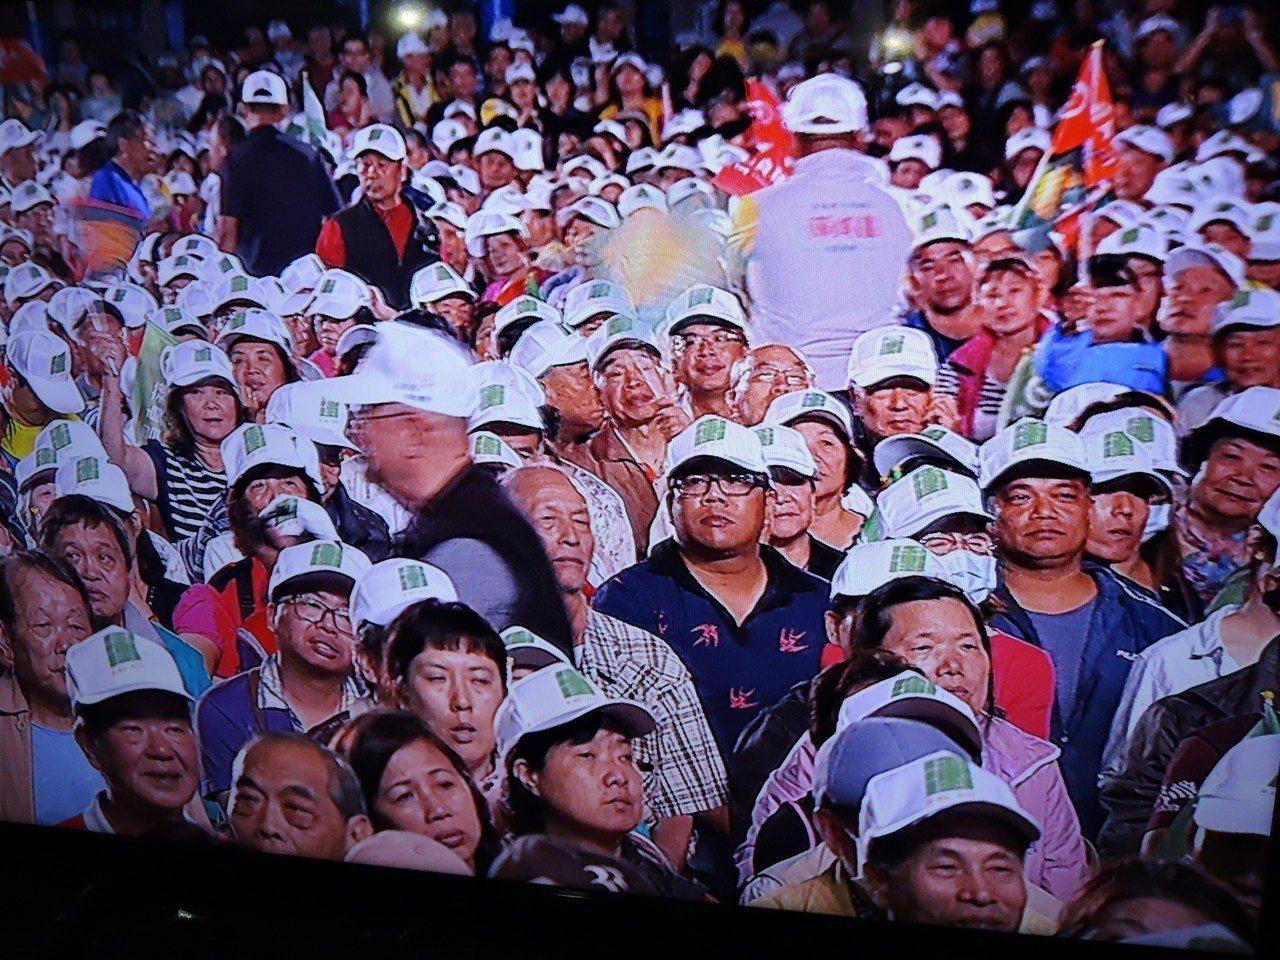 民進黨新北市長候選人蘇貞昌在蘆洲綠營大票倉舉辦大型造勢晚會,越晚人潮愈聚愈多,蘇...